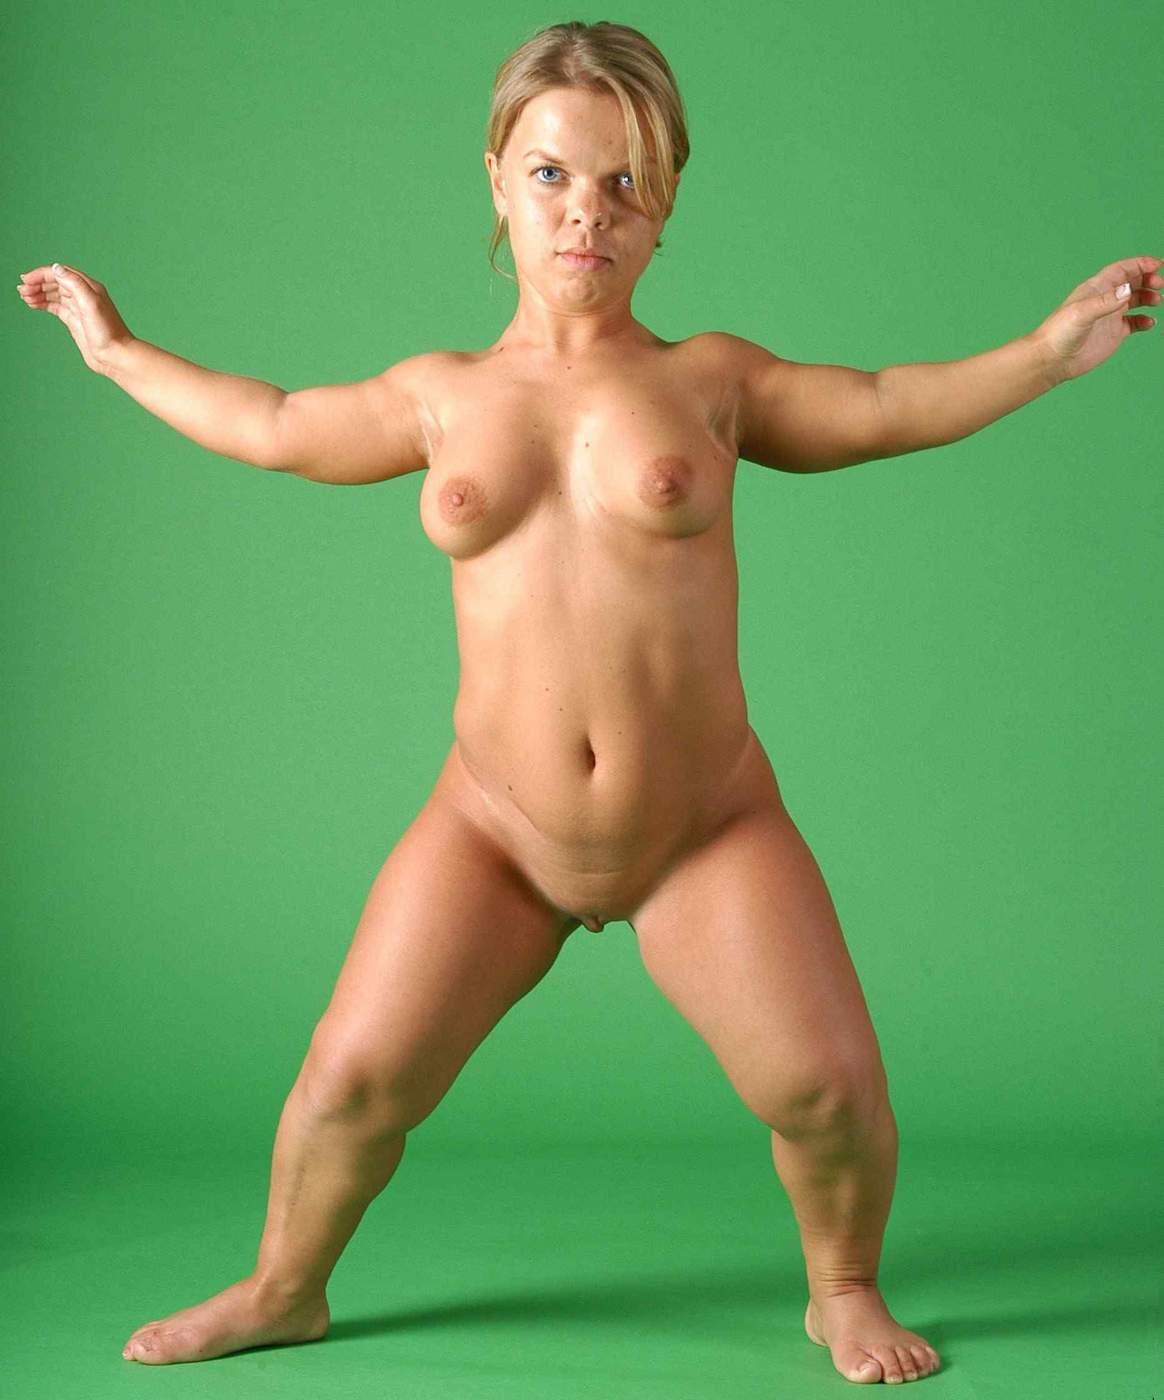 Best midget pornstars